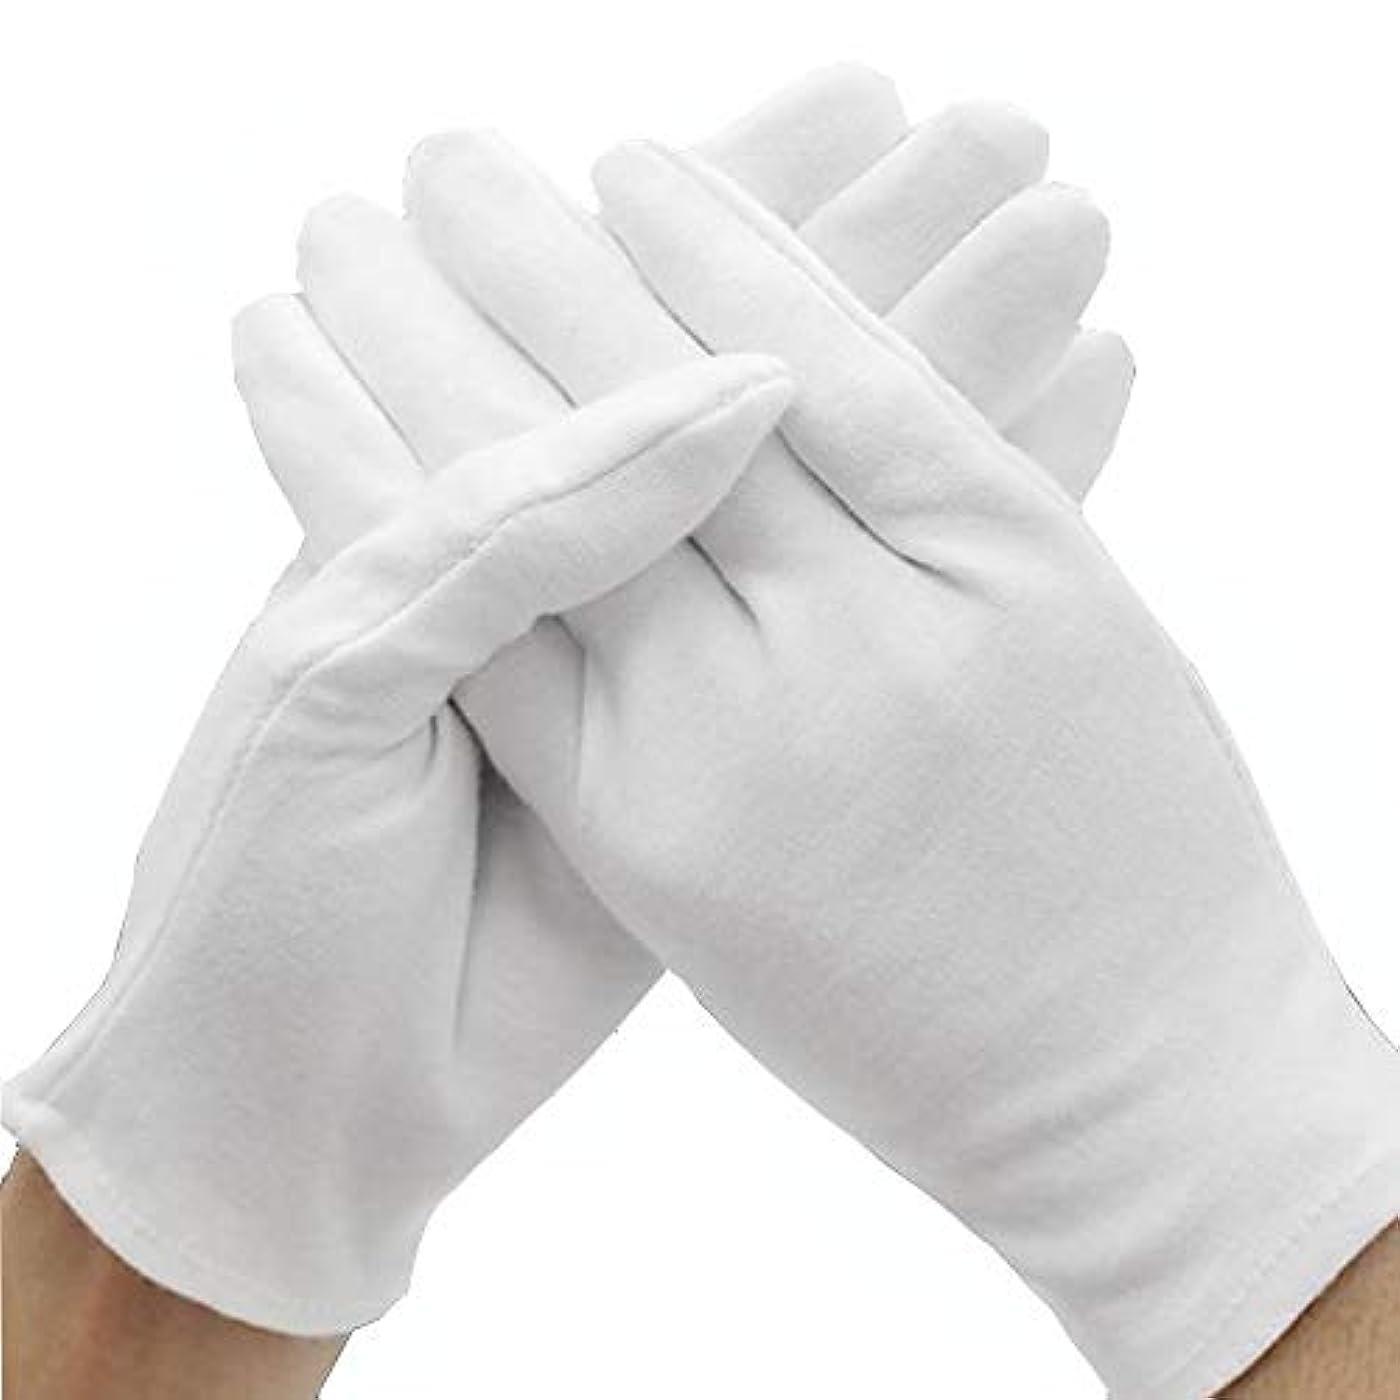 衰える流用する間隔Lezej インナーコットン手袋 白い手袋 綿手袋 衛生手袋 コットン手袋 ガーデニング用手袋 作業手袋 健康的な手袋 環境保護用手袋(12組) (XL)